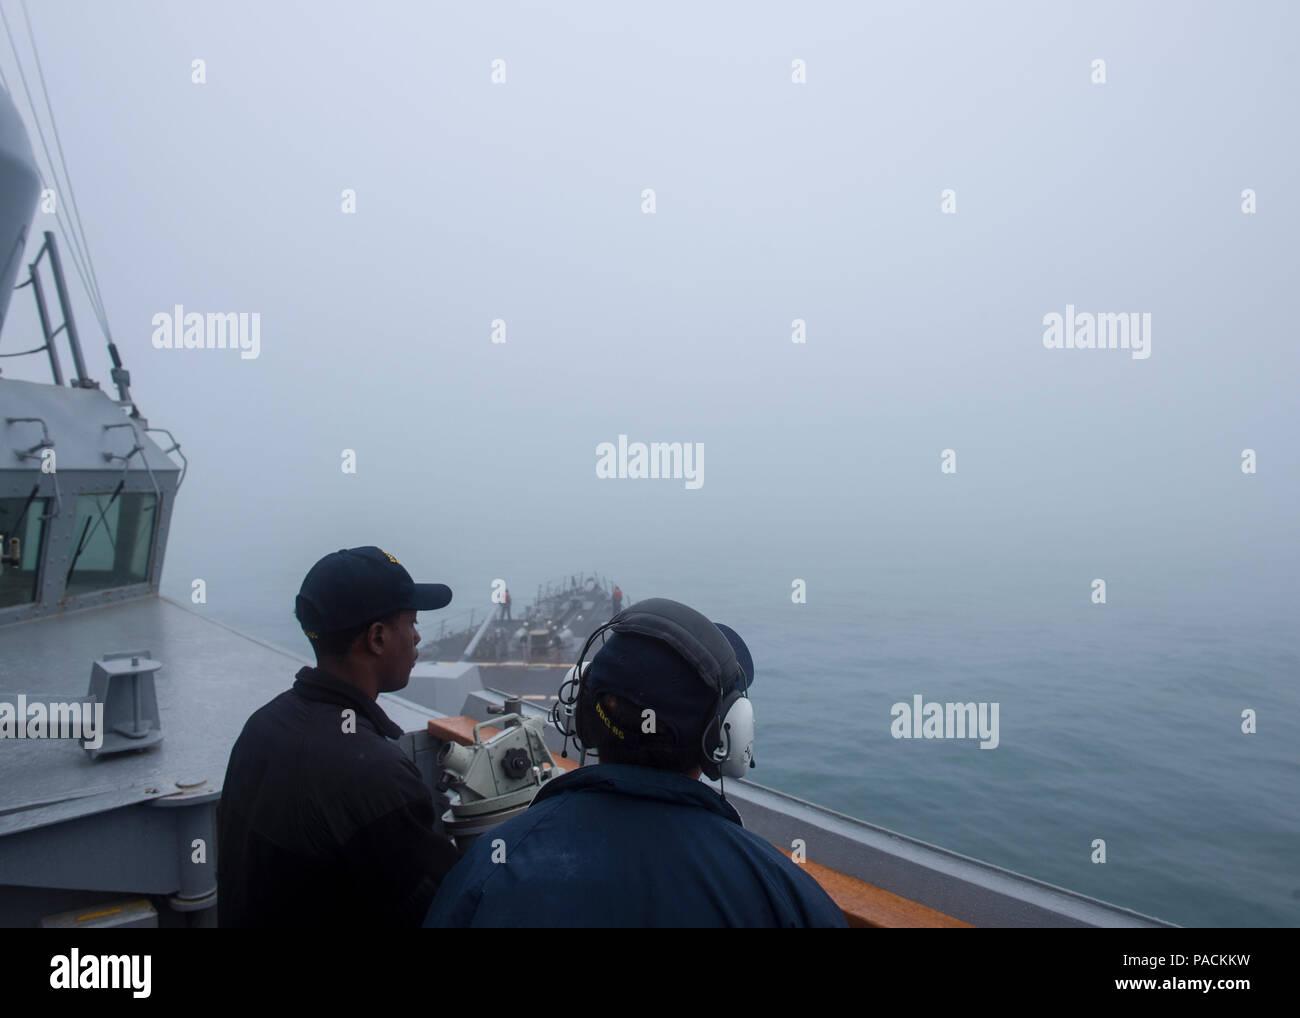 El Mar de China oriental (Mar. 18, 2016) Los marineros tienen una baja visibilidad watch sobre el puente alas y Saltillo de la clase Arleigh Burke de misiles guiados destructor USS McCampbell (DDG 85). McCampbell es en patrullas de la séptima Flota de la zona de operaciones en apoyo de la seguridad y la estabilidad en la Indo-Asia-Pacífico. (Ee.Uu. Navy photo by Mass Communication Specialist 2nd Class Bryan Jackson/liberado) Foto de stock